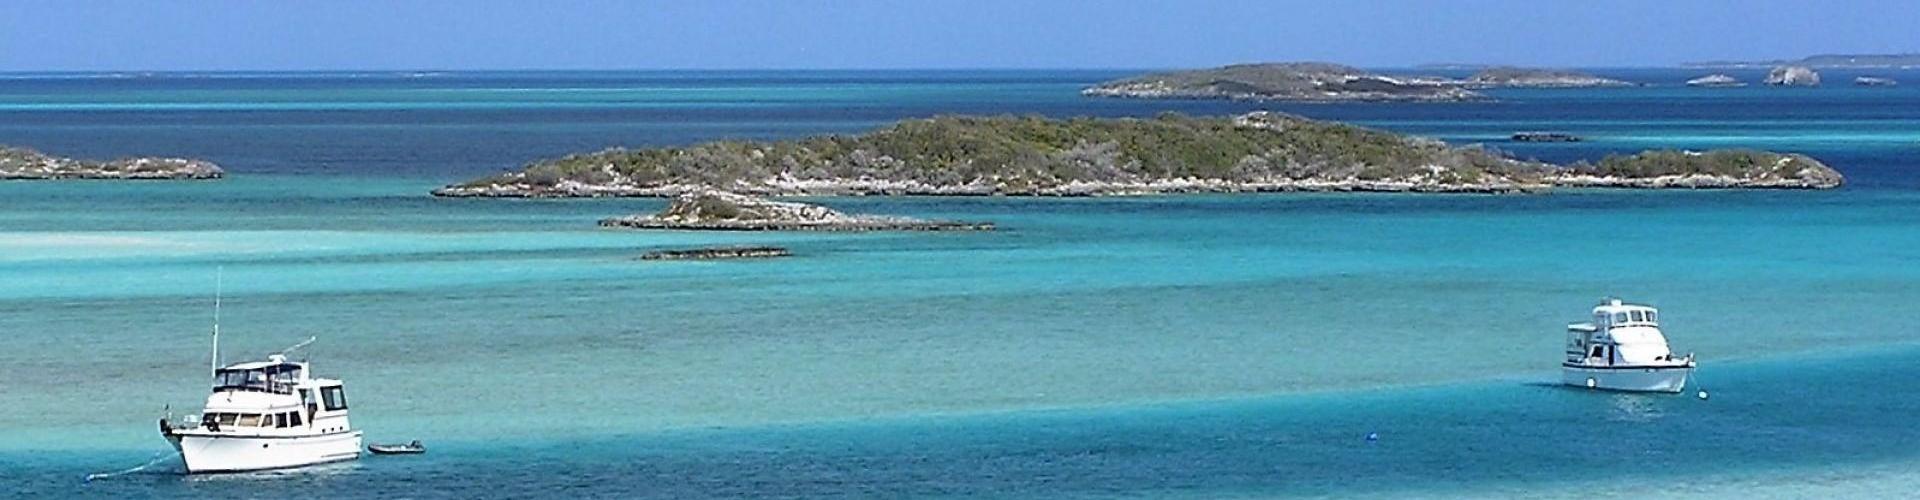 1 - Bahamas